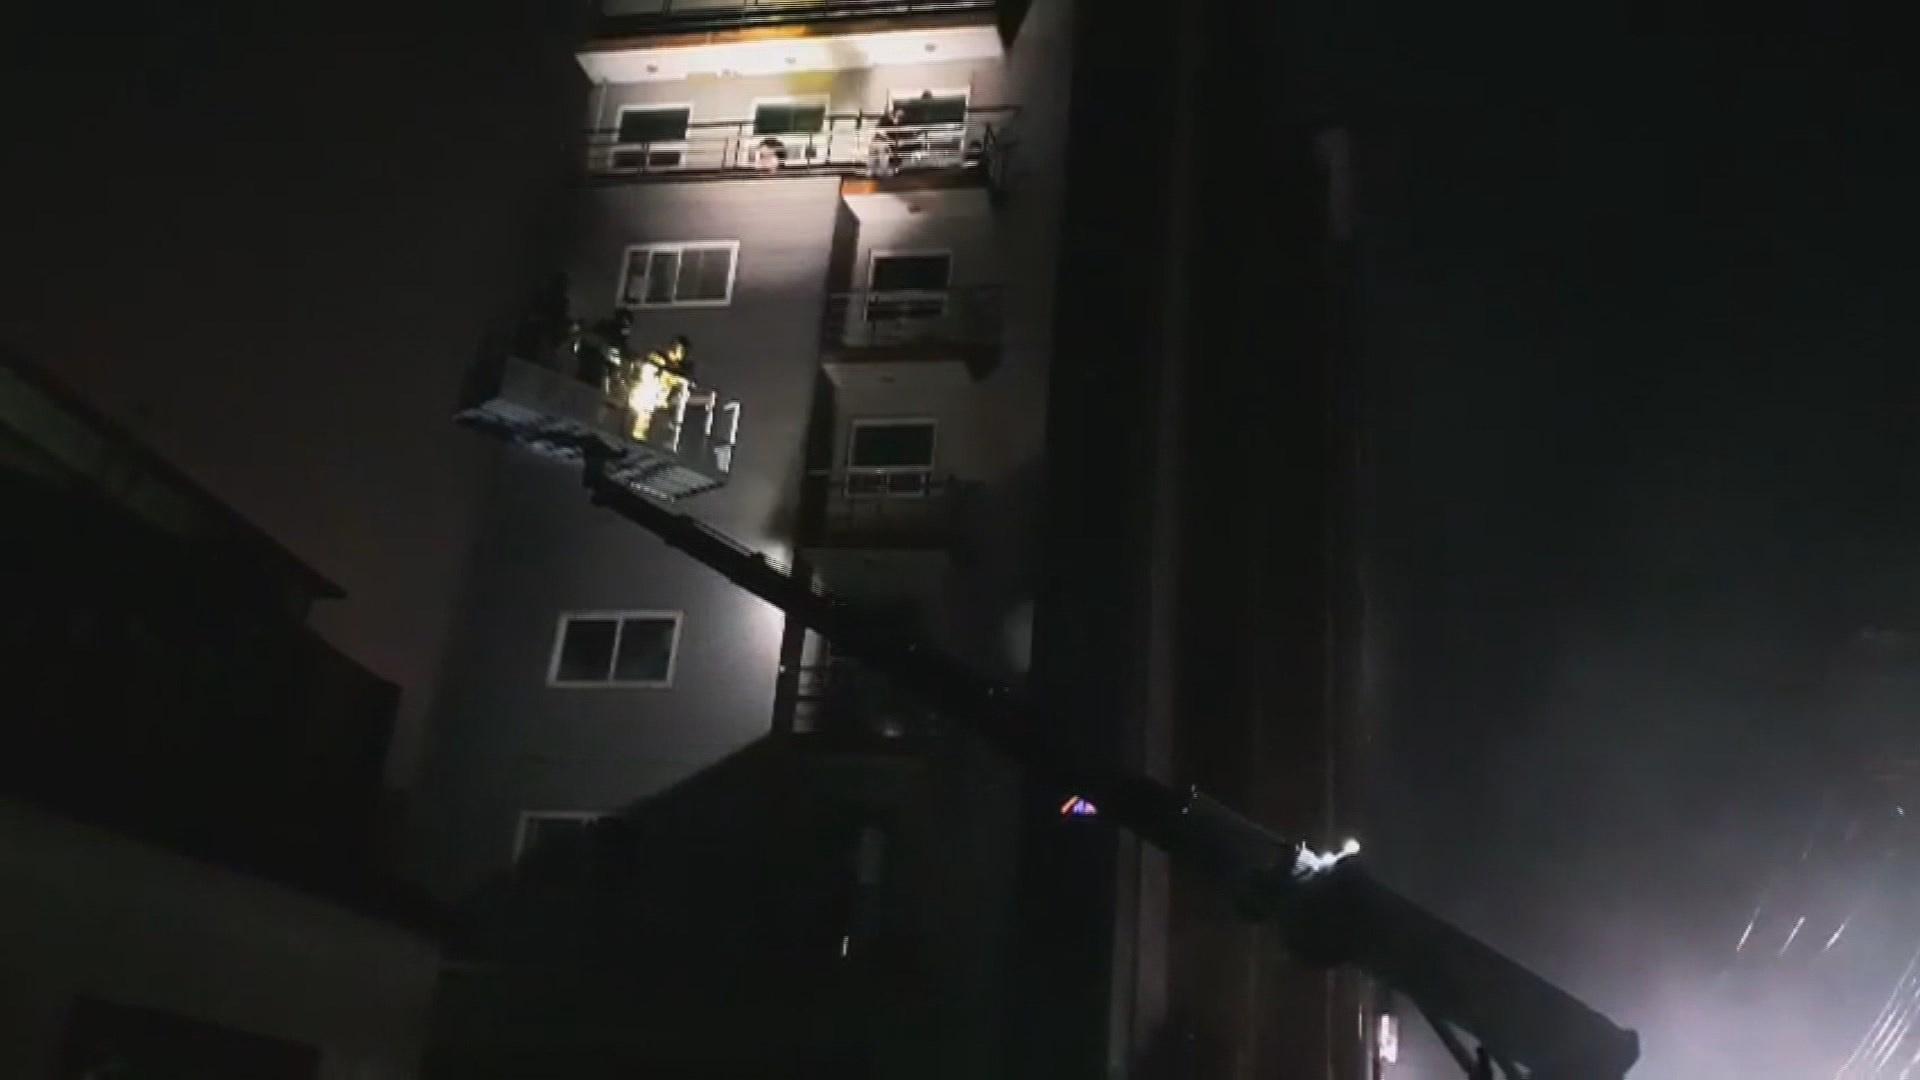 고흥서 병원 불로 30명 사상…밤중에 구조 도운 의인들